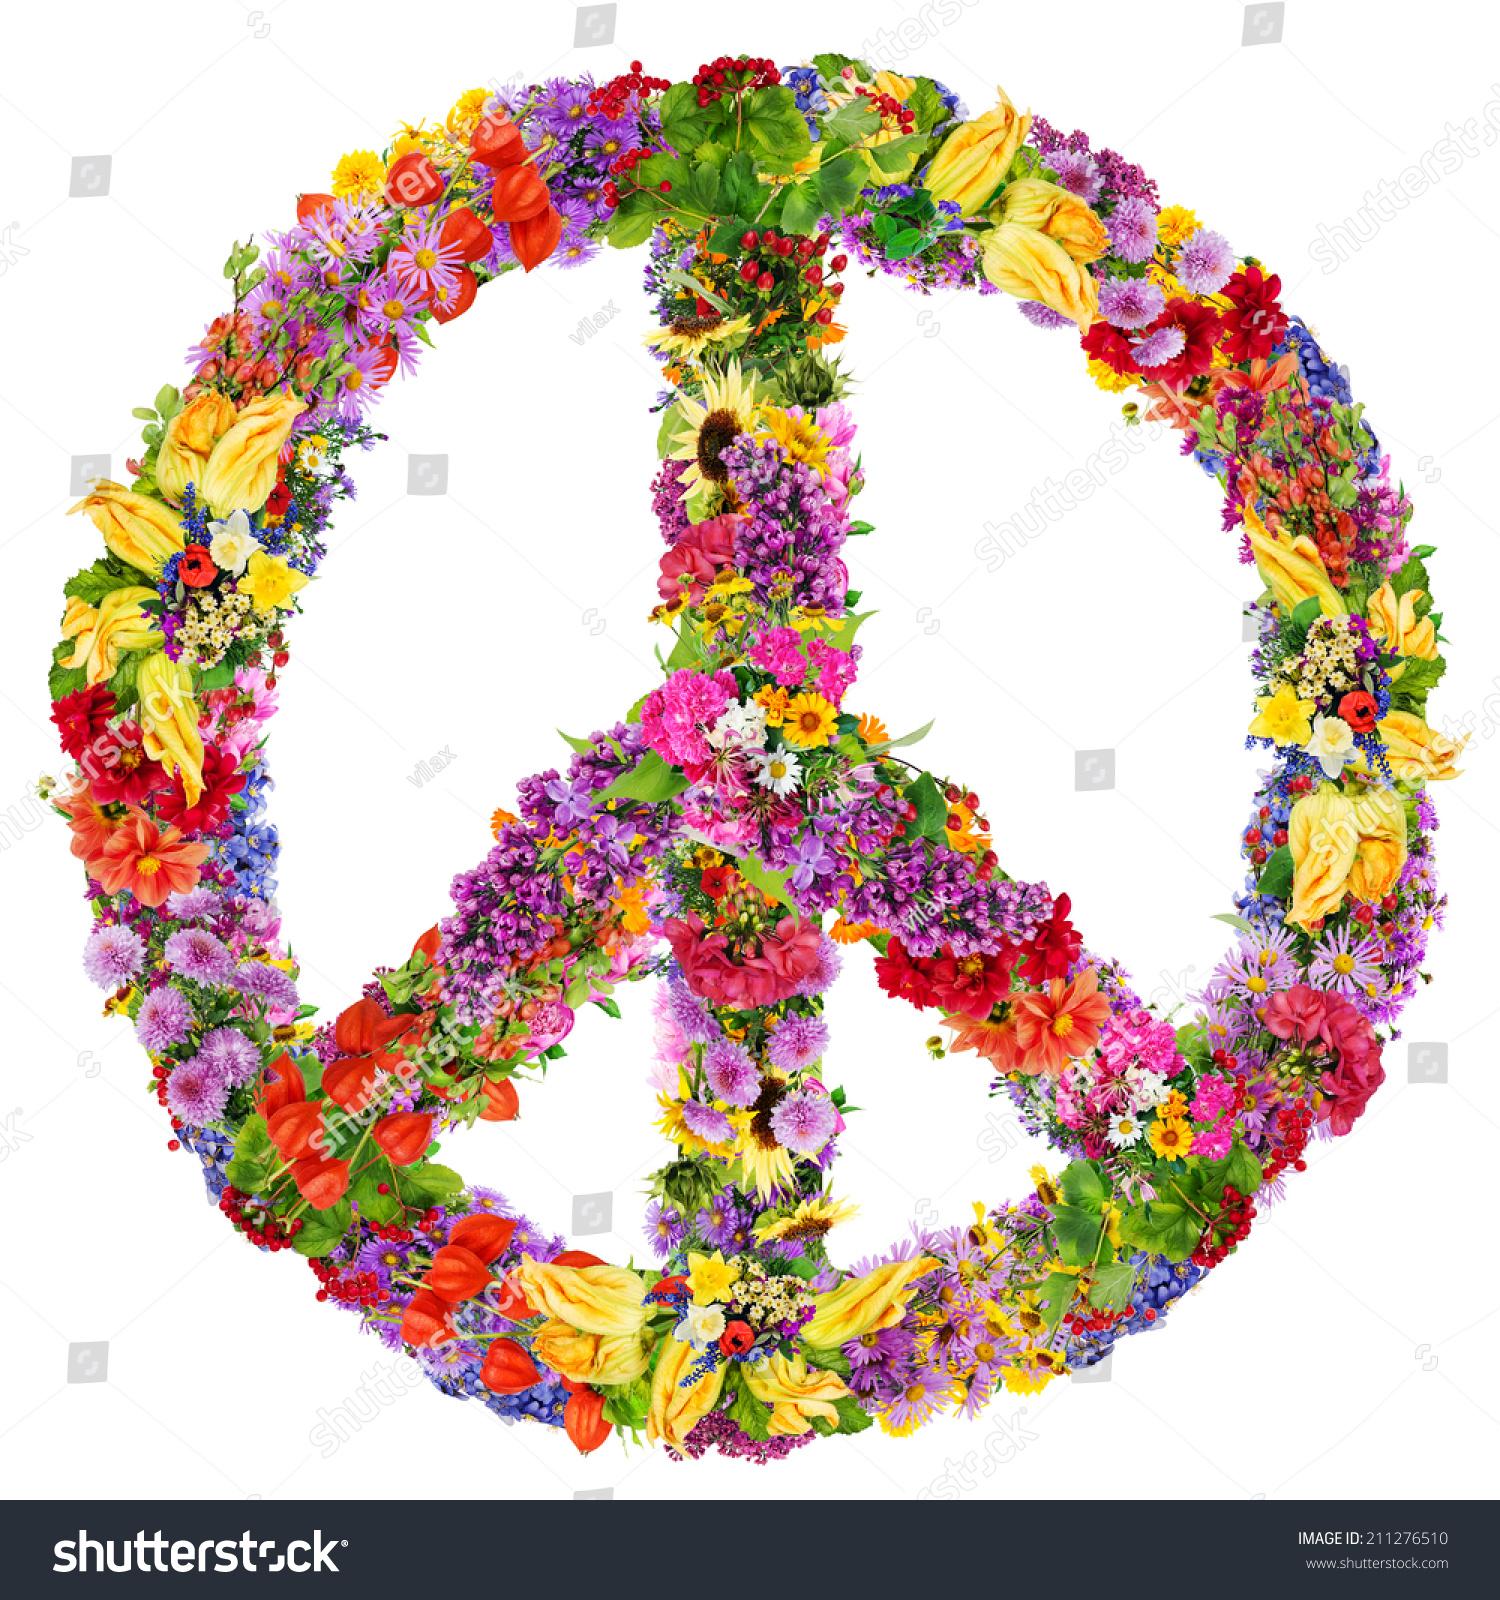 和平标志的抽象拼贴画由新鲜的夏花.孤立的